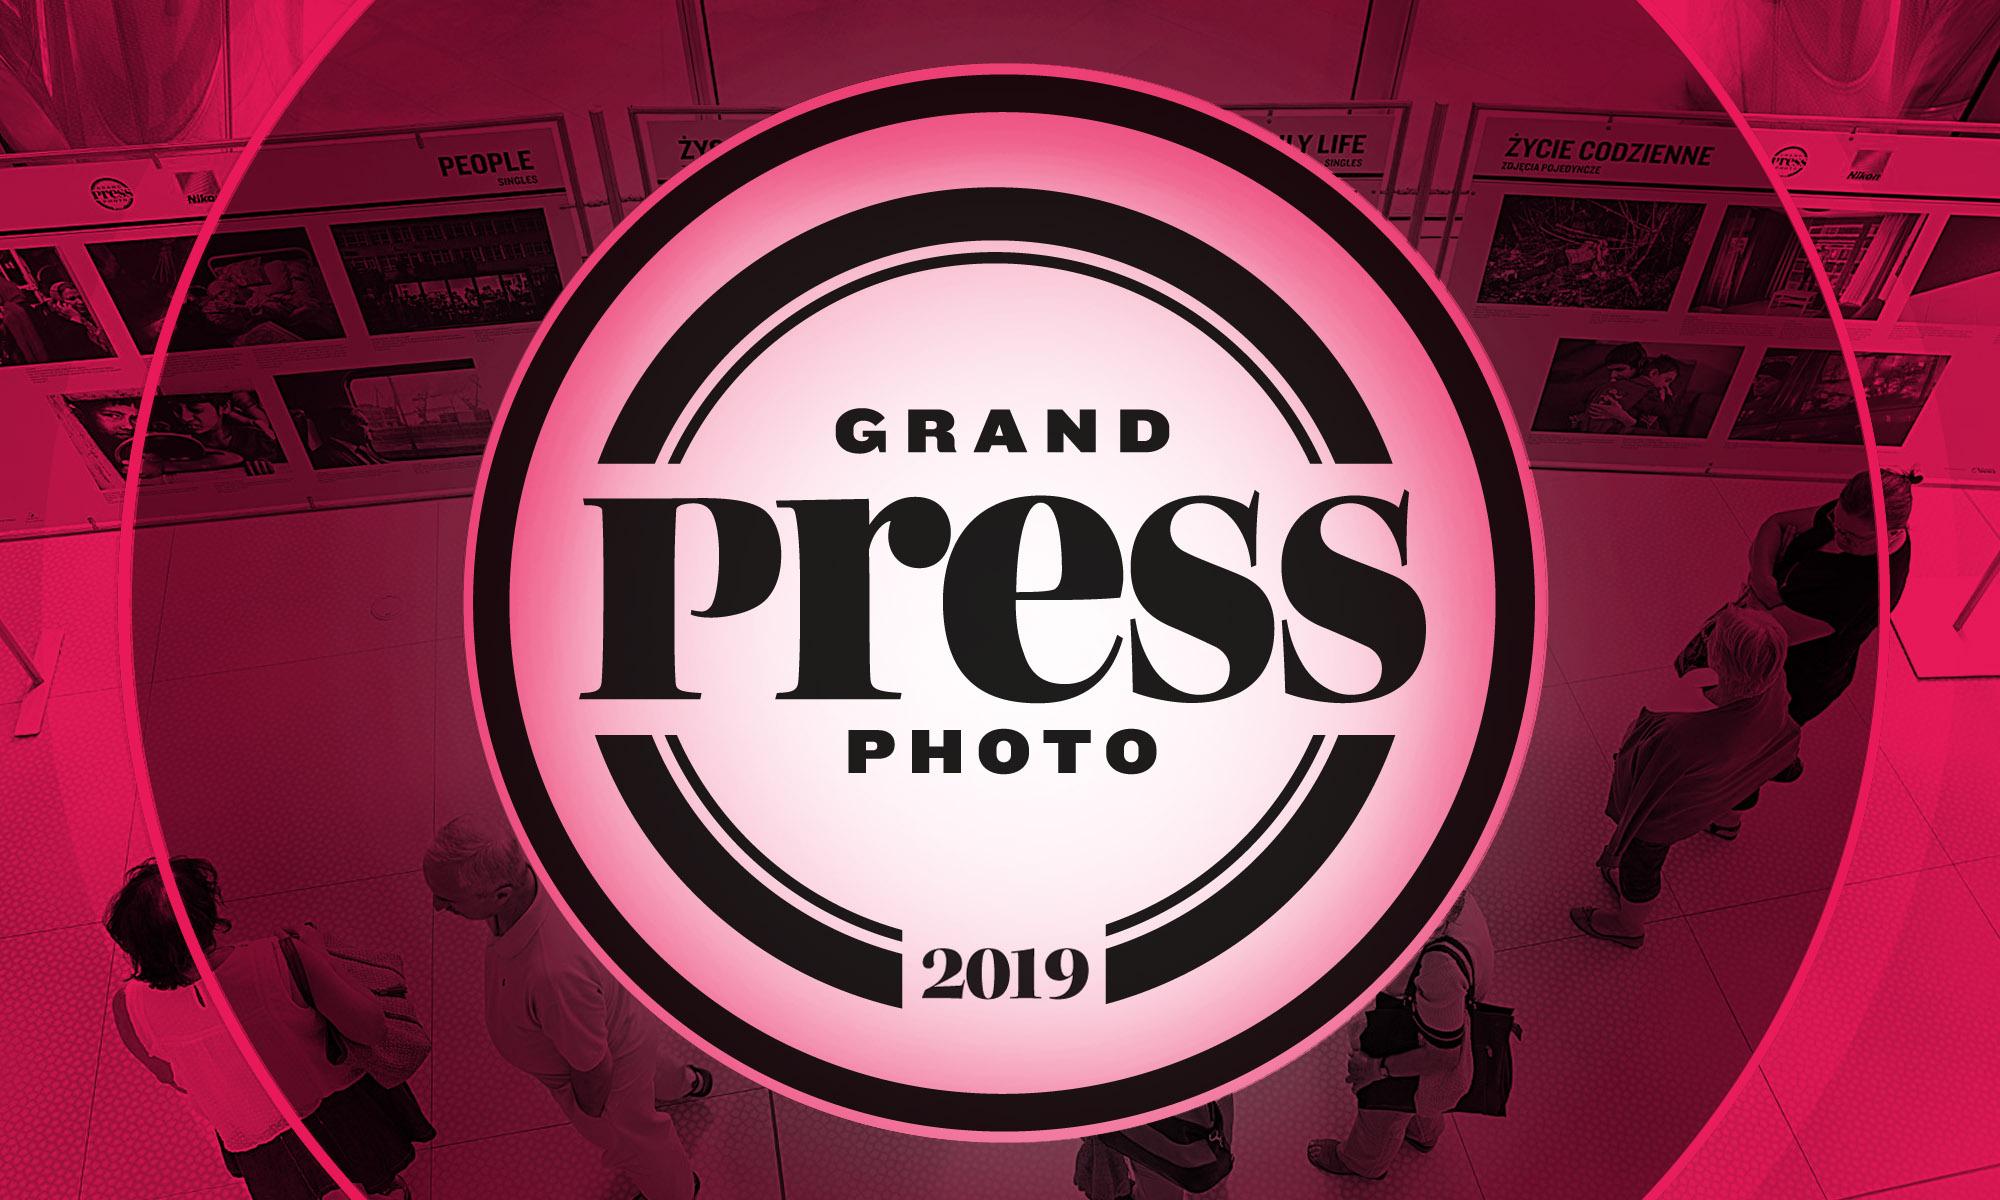 Grand Press Photo